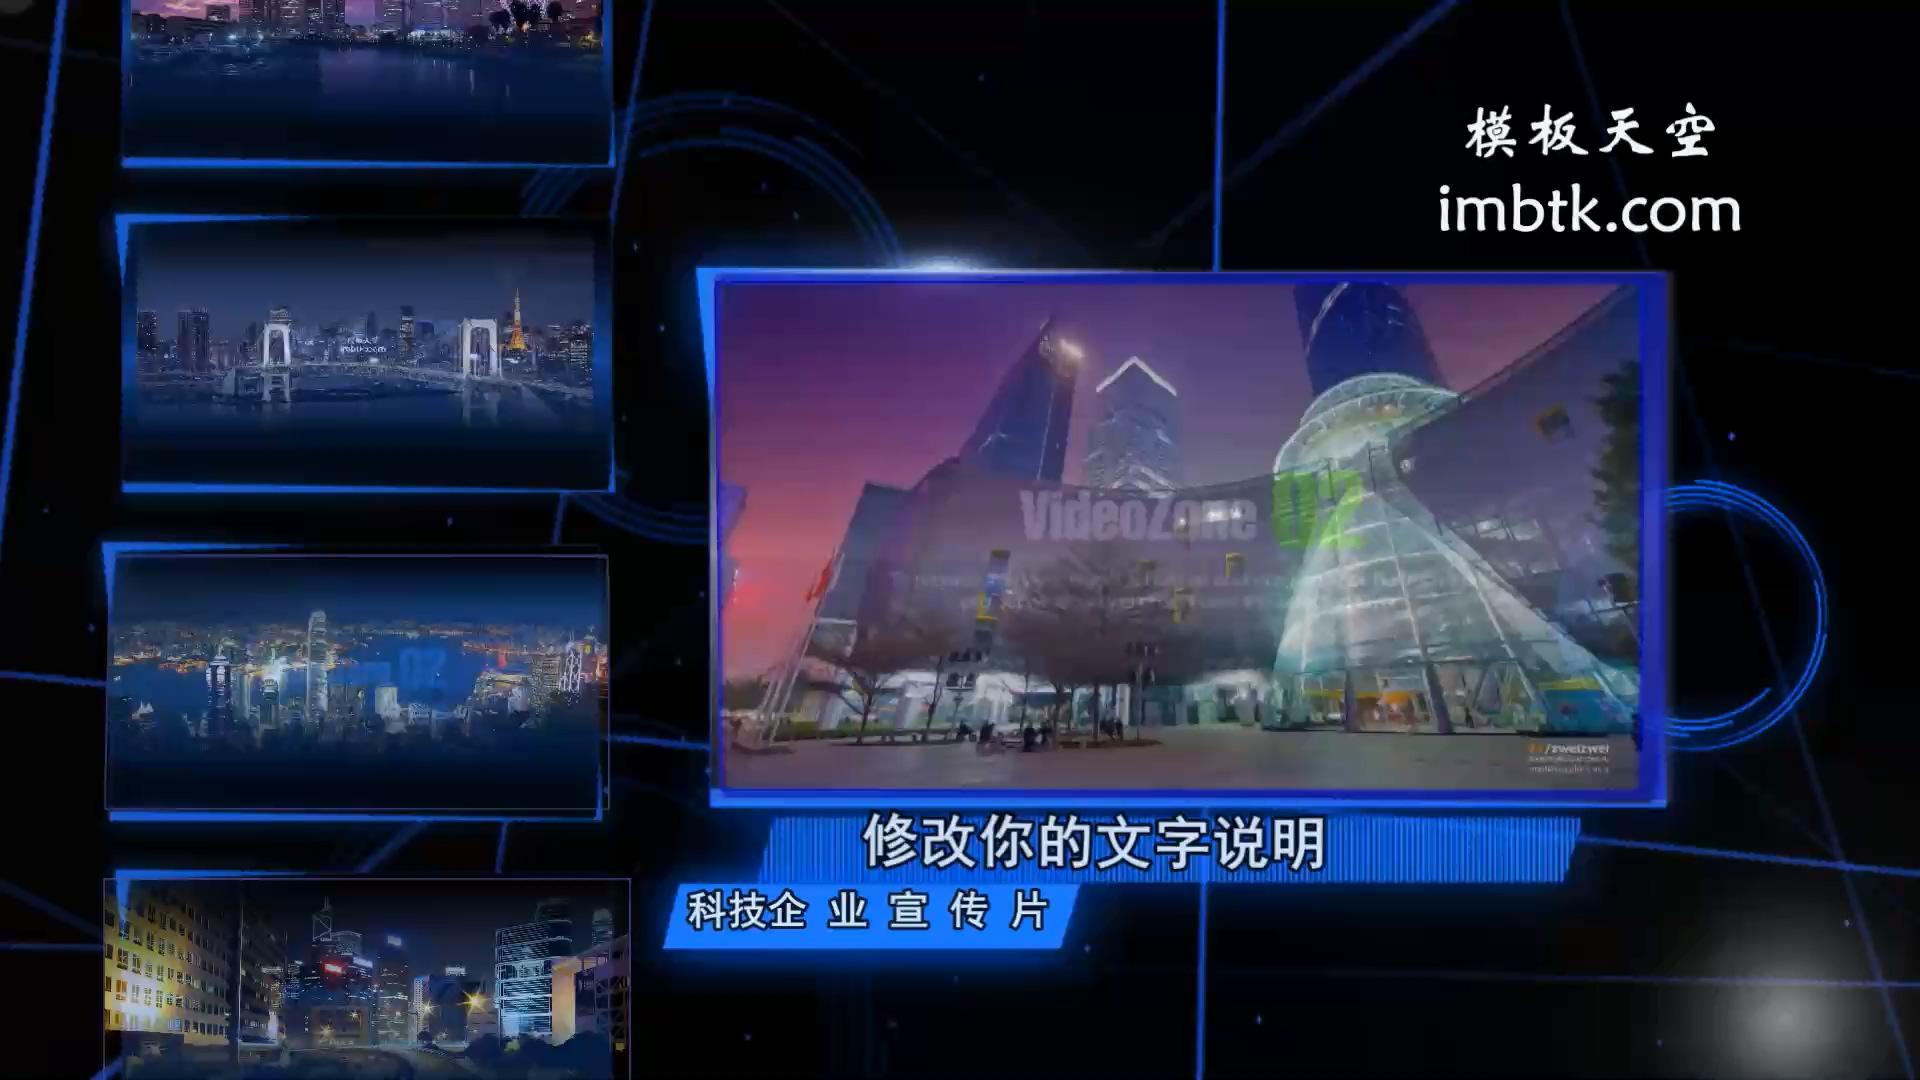 科幻信息数据产品宣传展示互联网科技公司X9模板